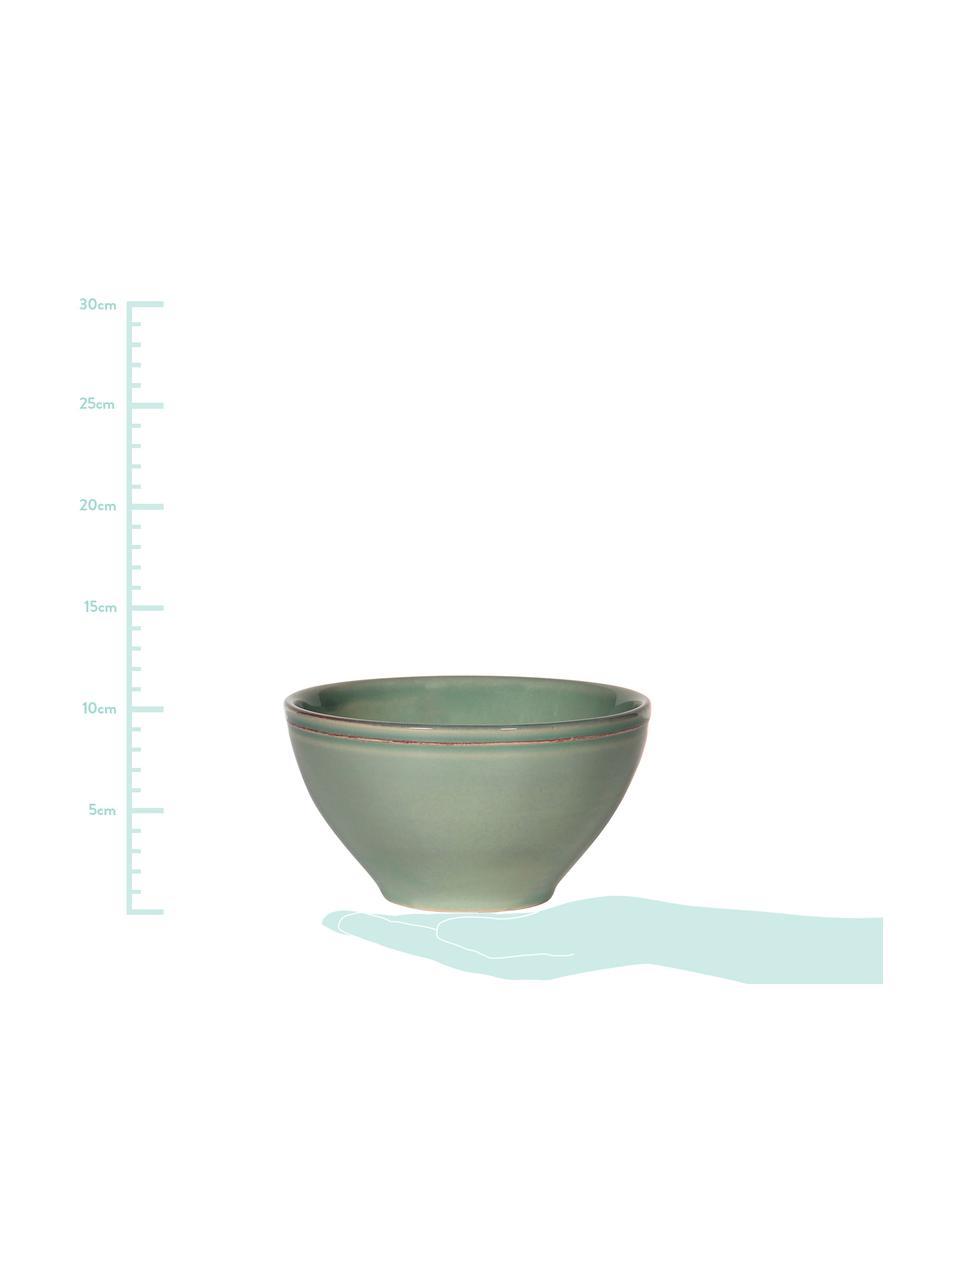 Schälchen Constance im Landhaus Style, 2 Stück, Steingut, Salbeigrün, Ø 15 x H 9 cm